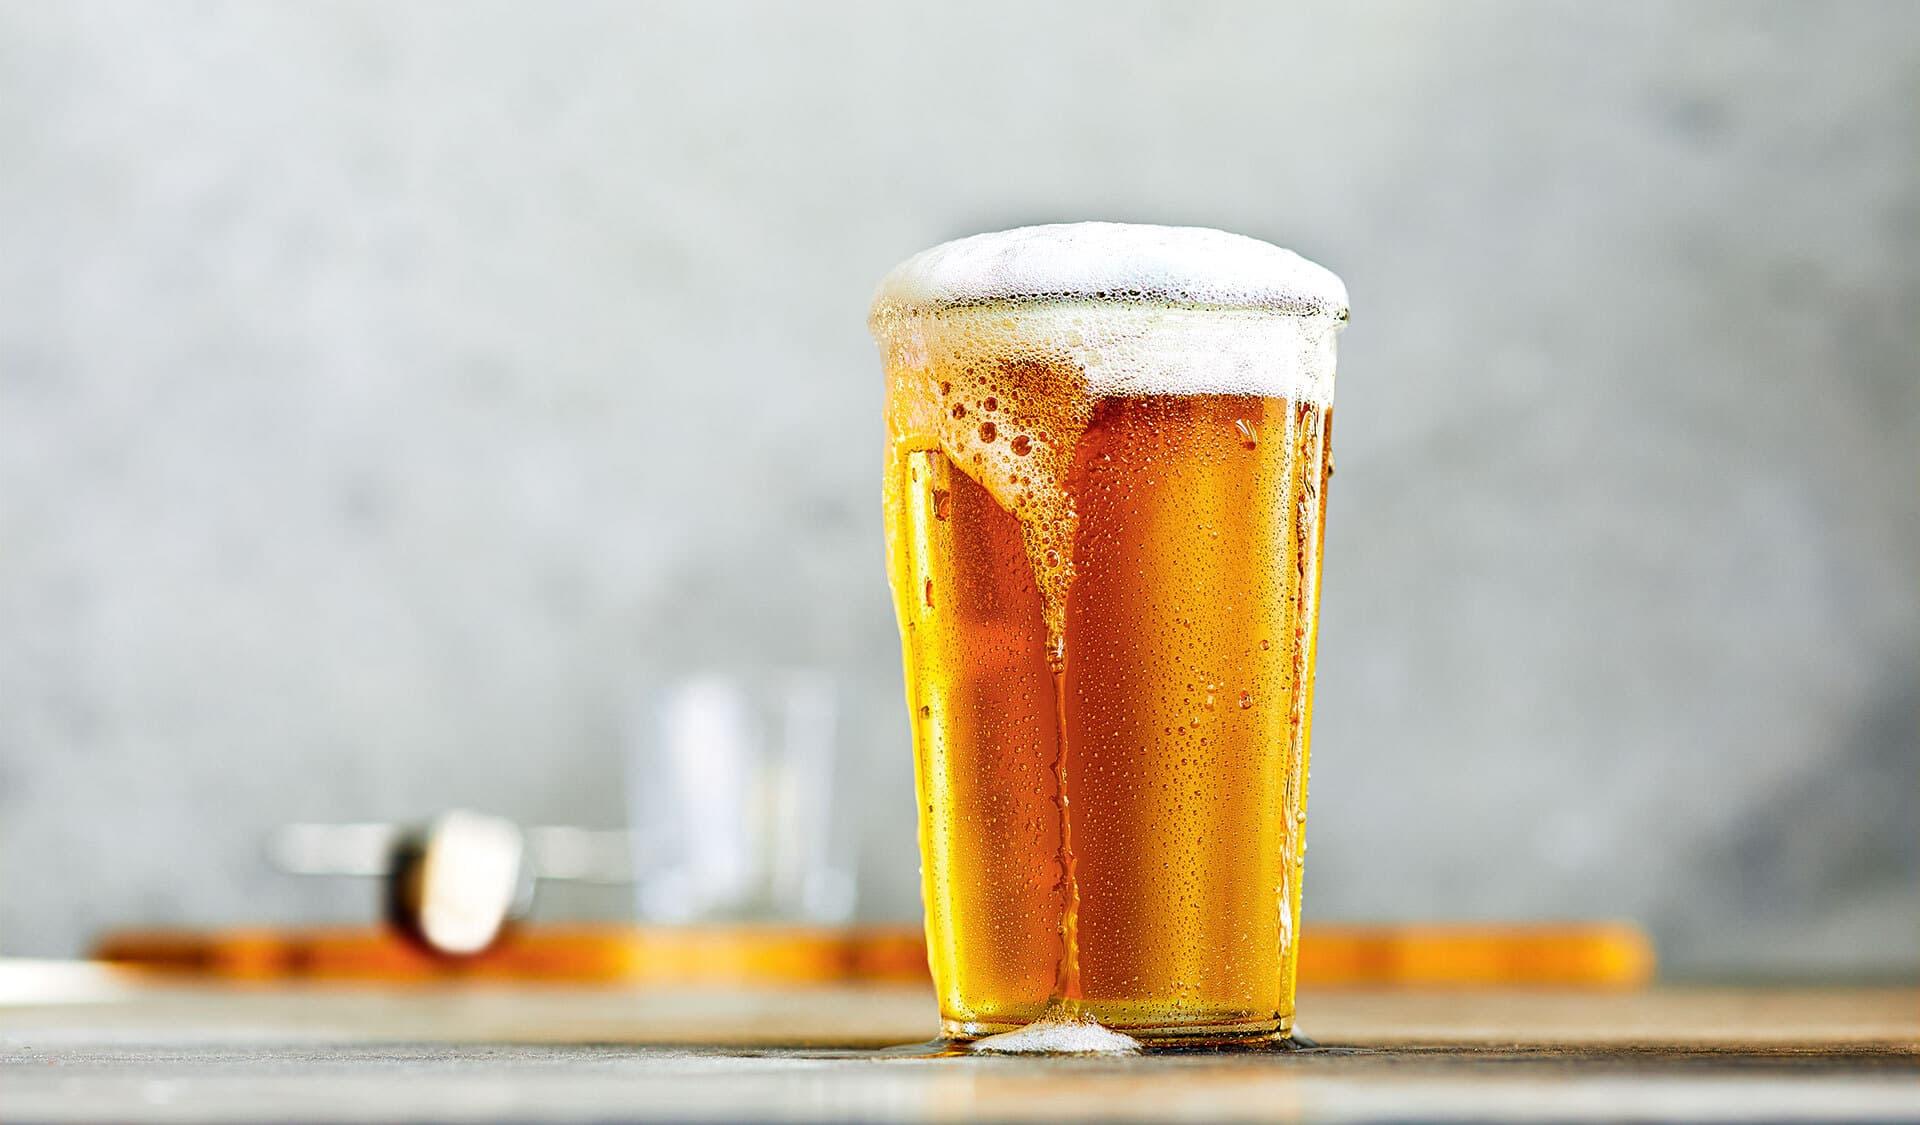 Ein Glas Bier auf einem Tisch